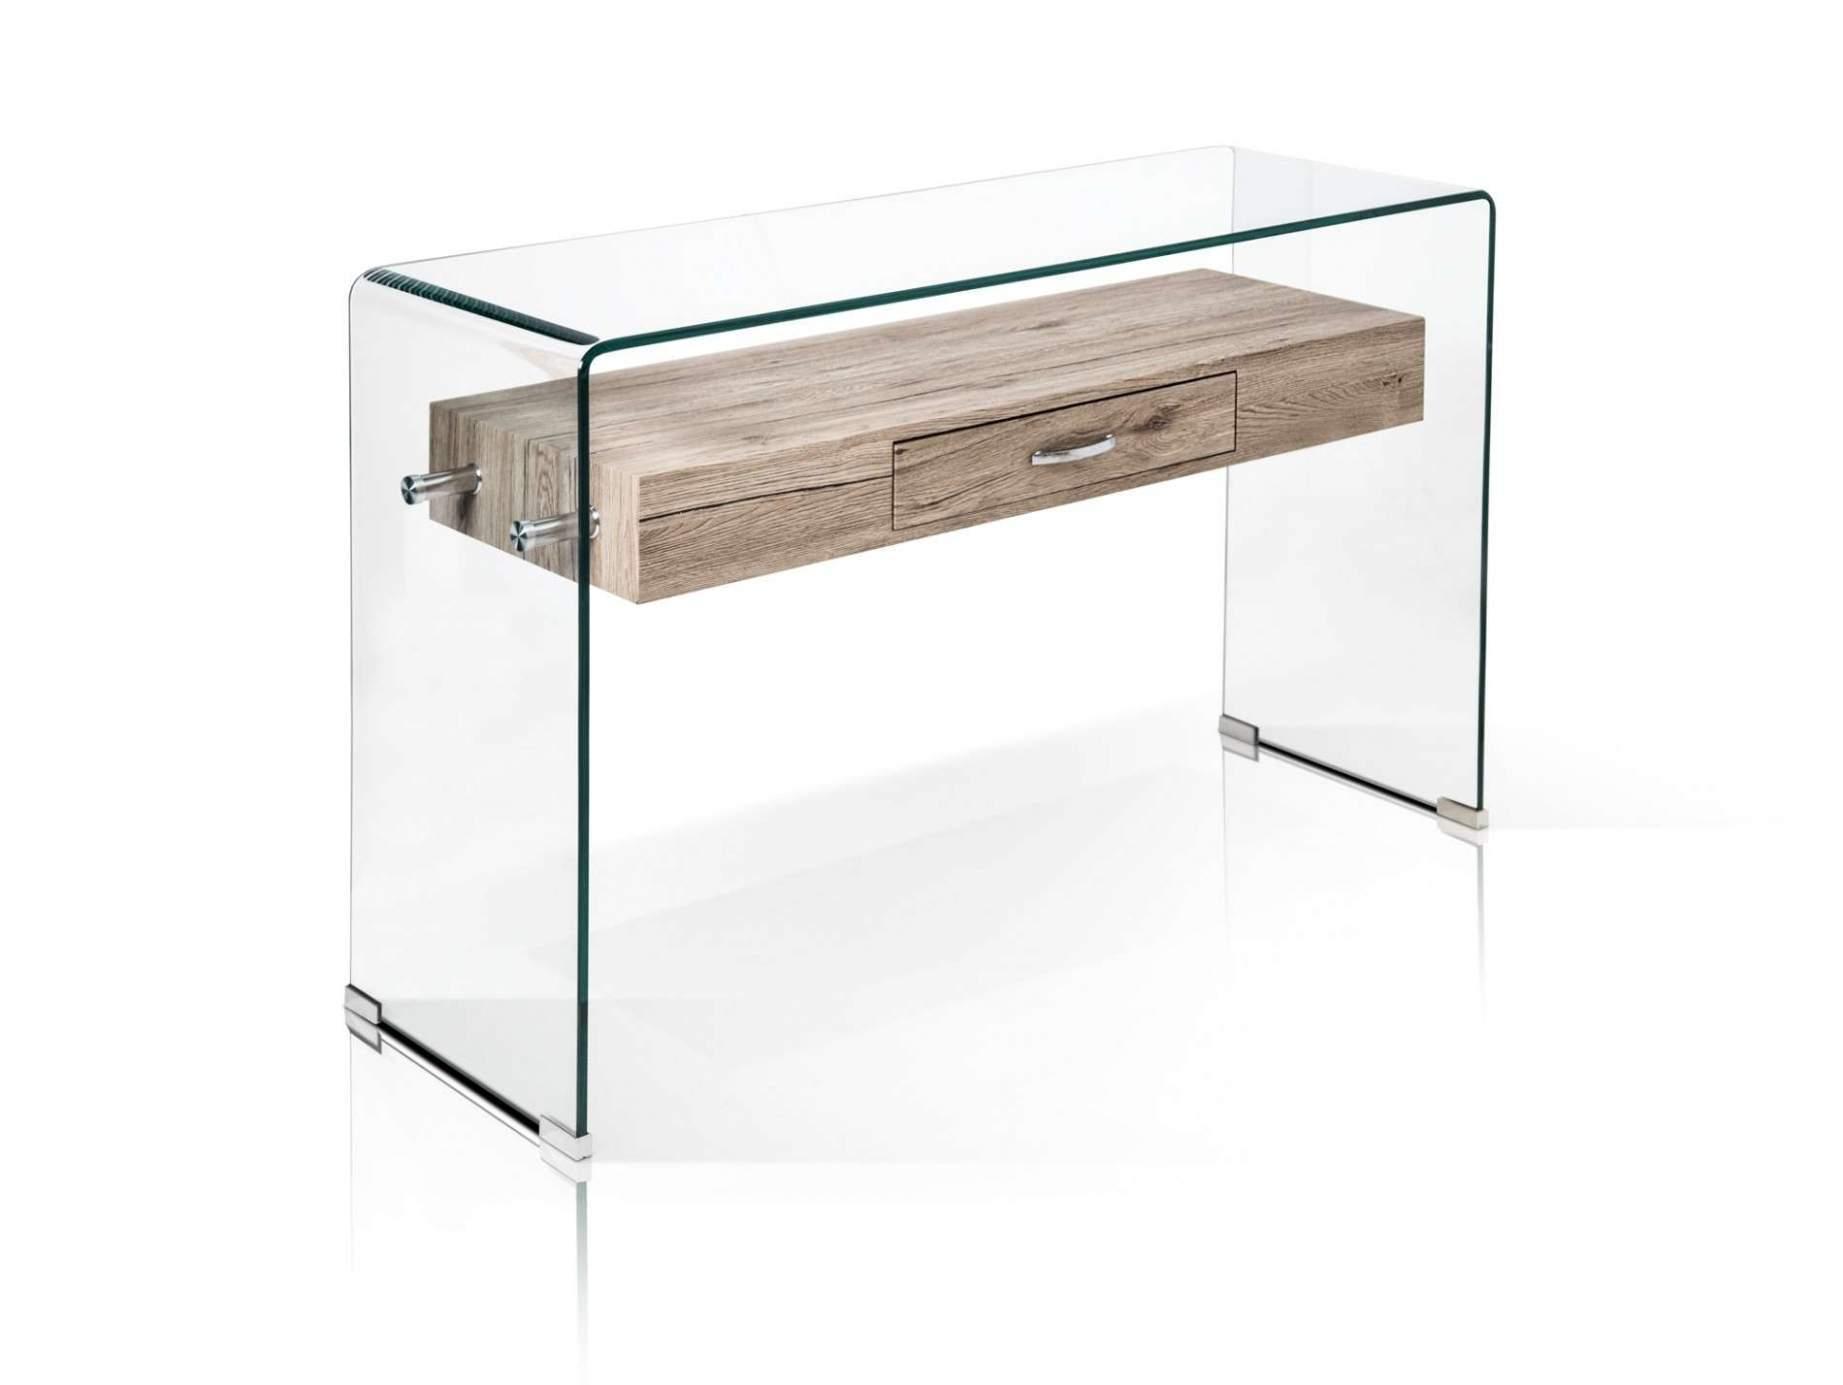 wohnzimmer beistelltisch inspirierend beistelltisch glas archives design von couchtisch metall of wohnzimmer beistelltisch